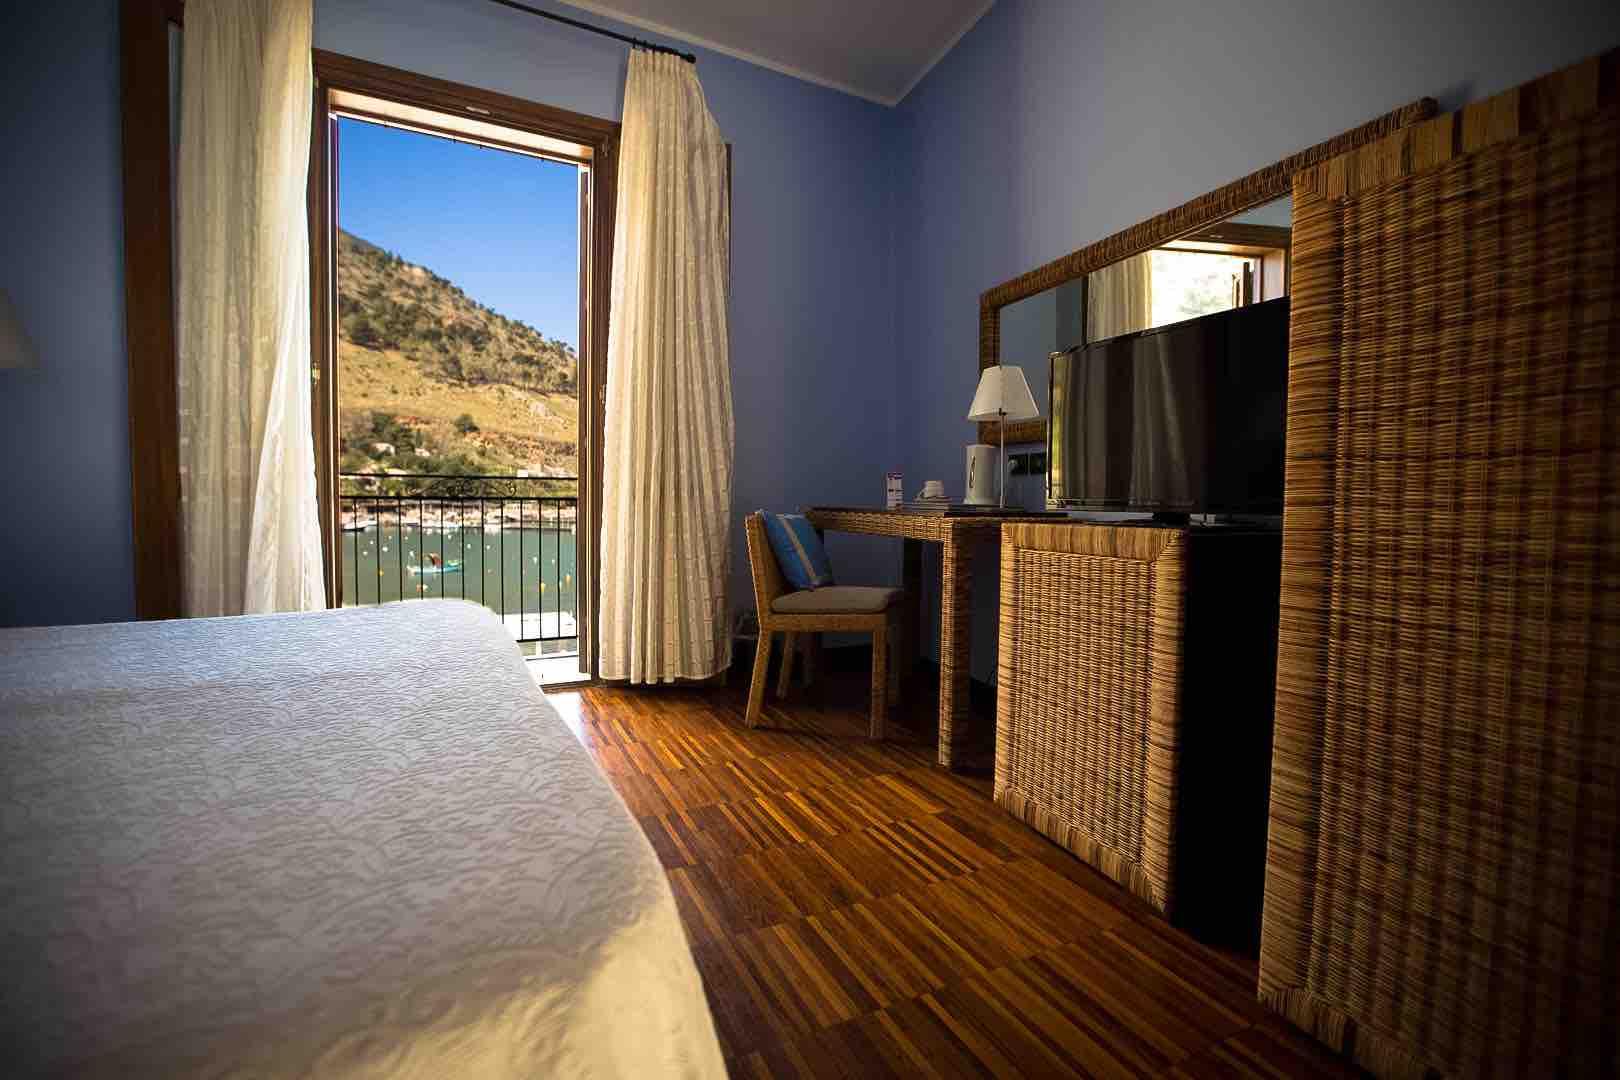 cetarium-hotel-castellammare-del-golfo-03